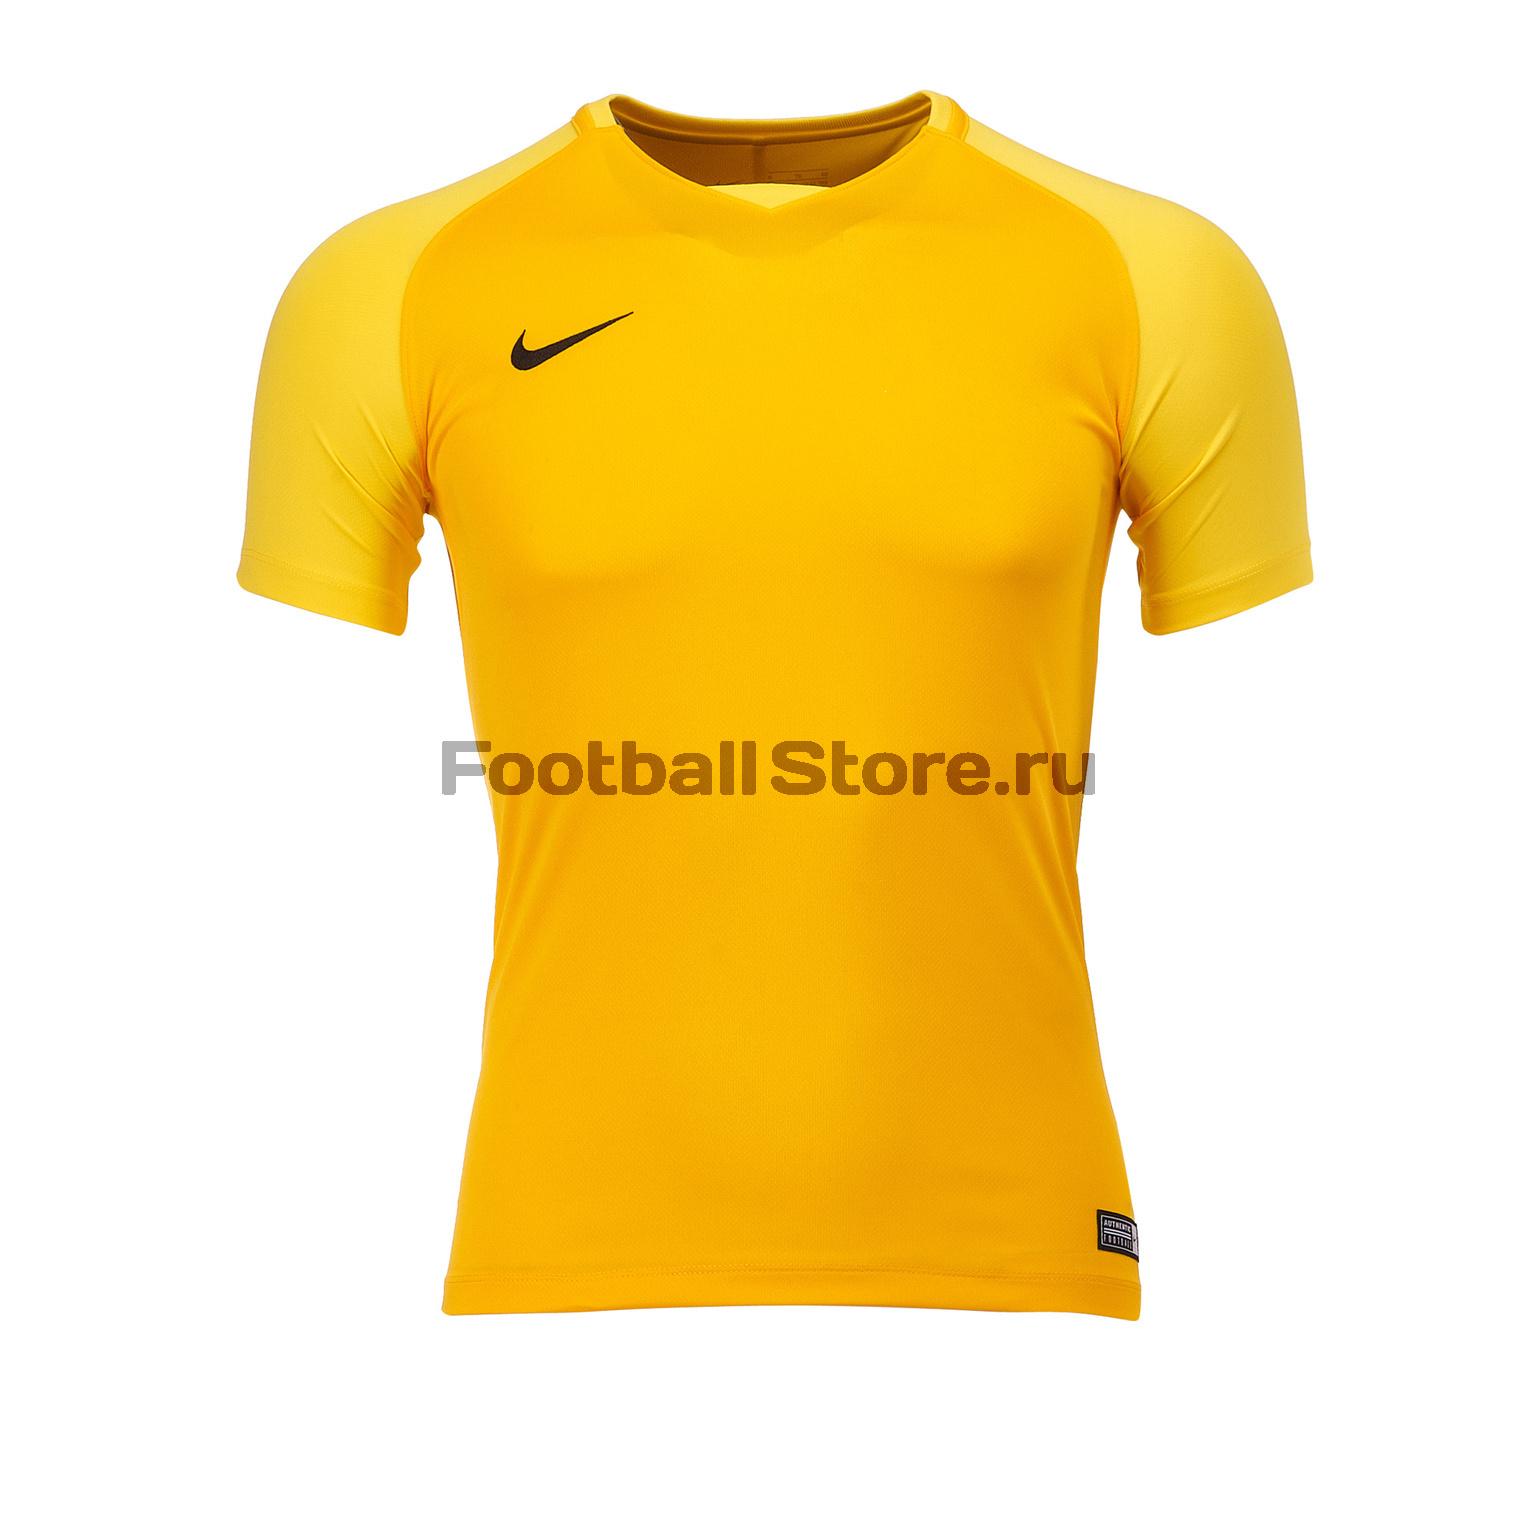 Футболка игровая подростковая Nike Trophy III 881484-739 oris trophy iii ta 100 4